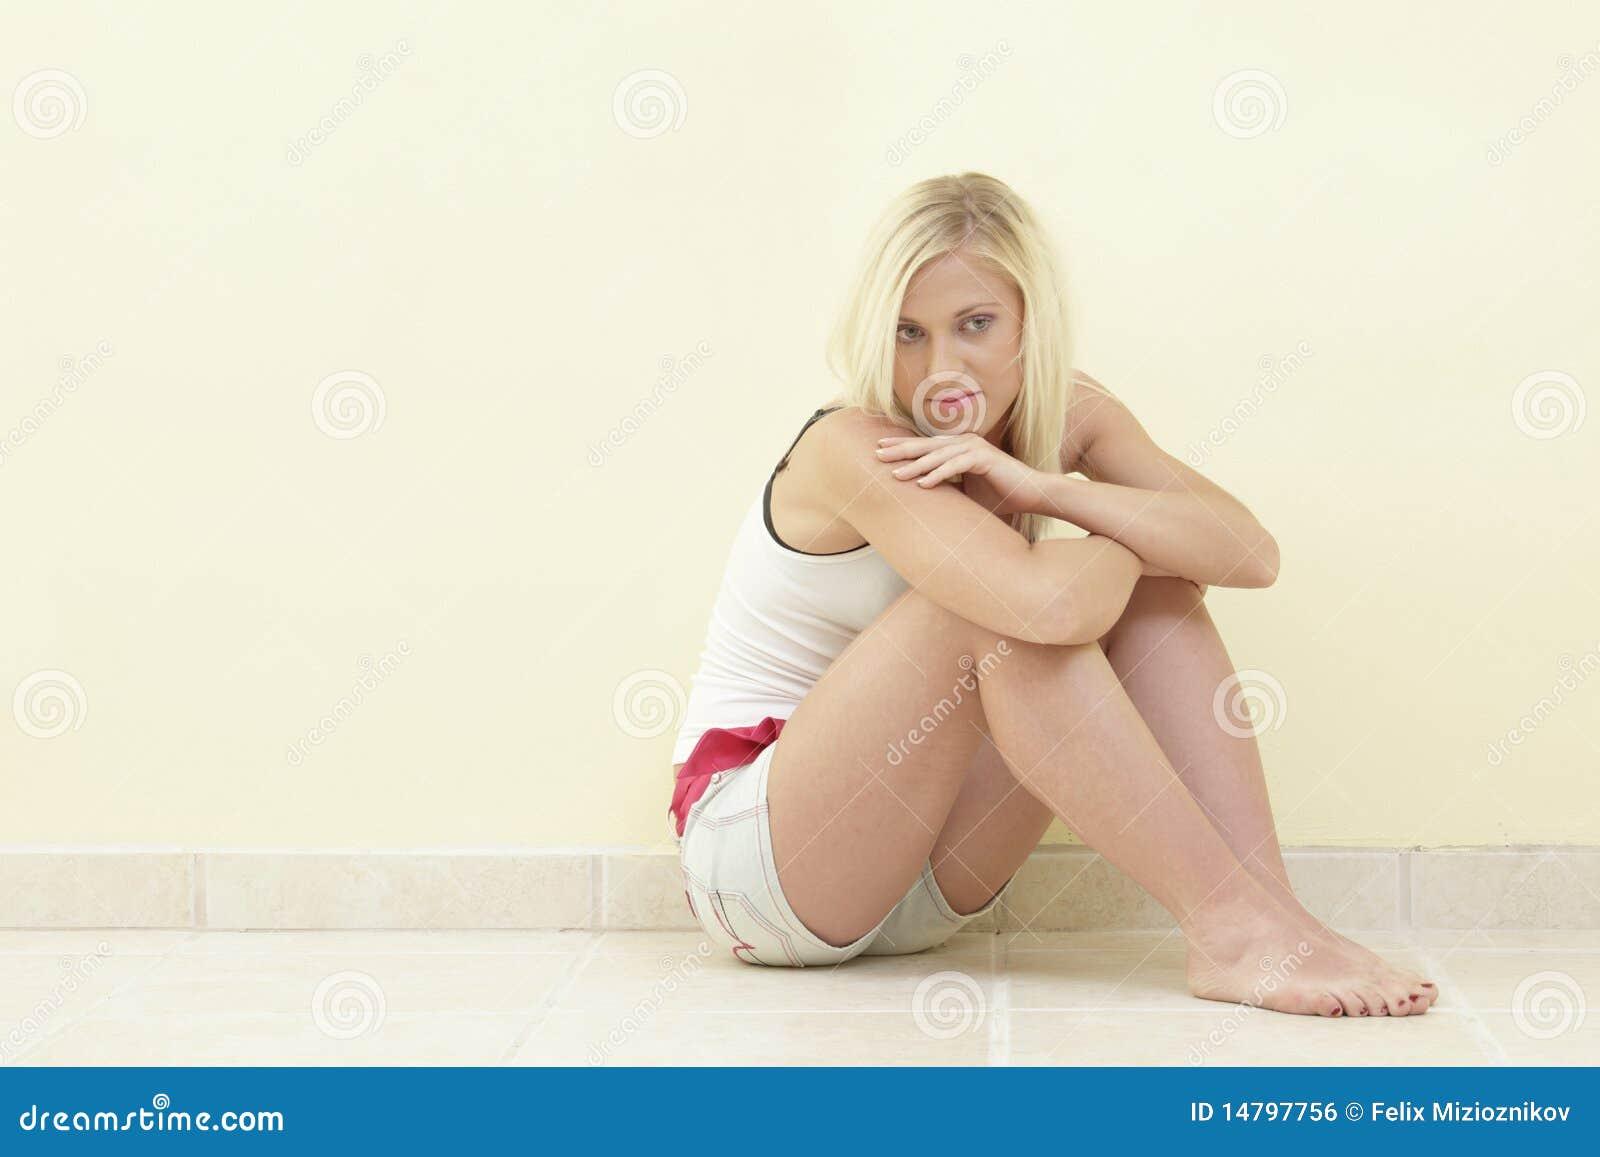 Femme dans une pose de séance